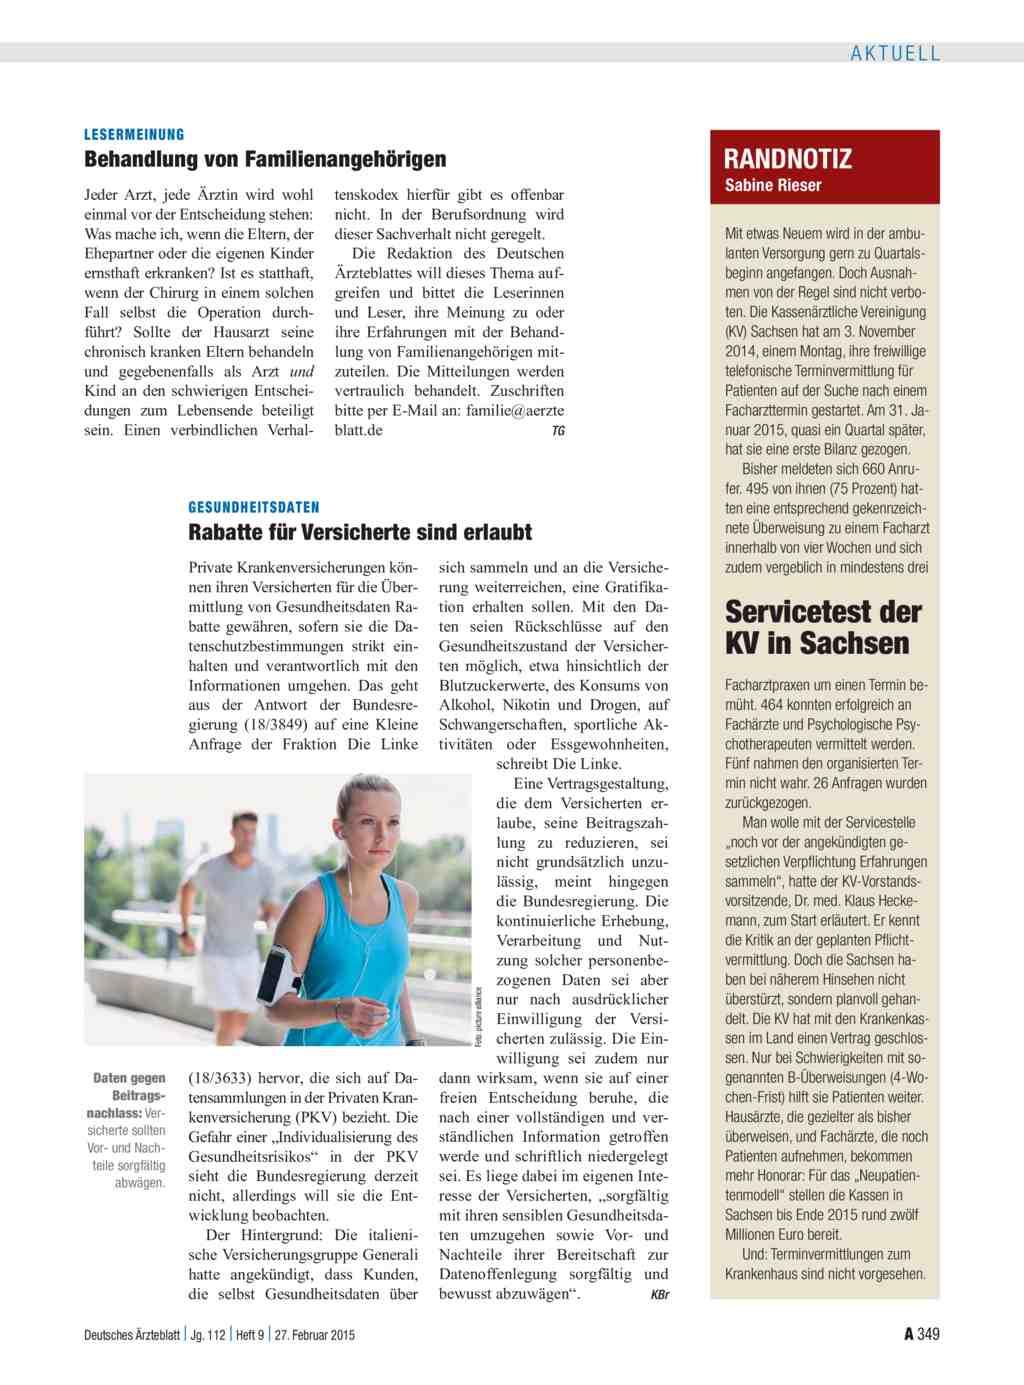 Penis wwwurologielehrbuchde